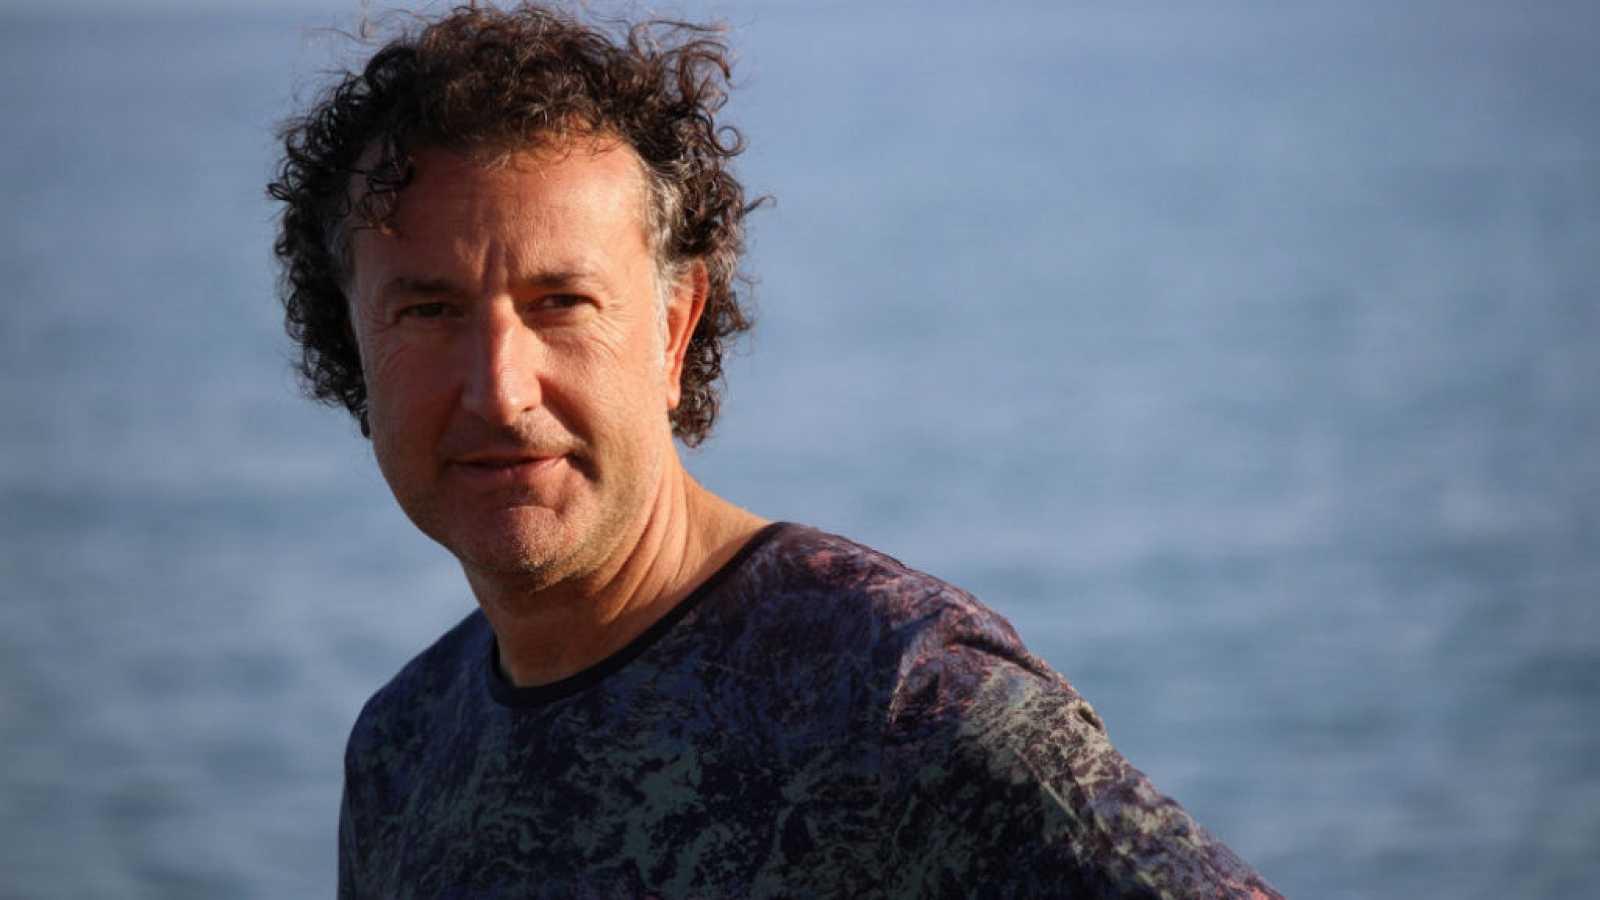 Complementarios - El altruismo con Xavier Caparrós - 23/06/19 - Escuchar ahora